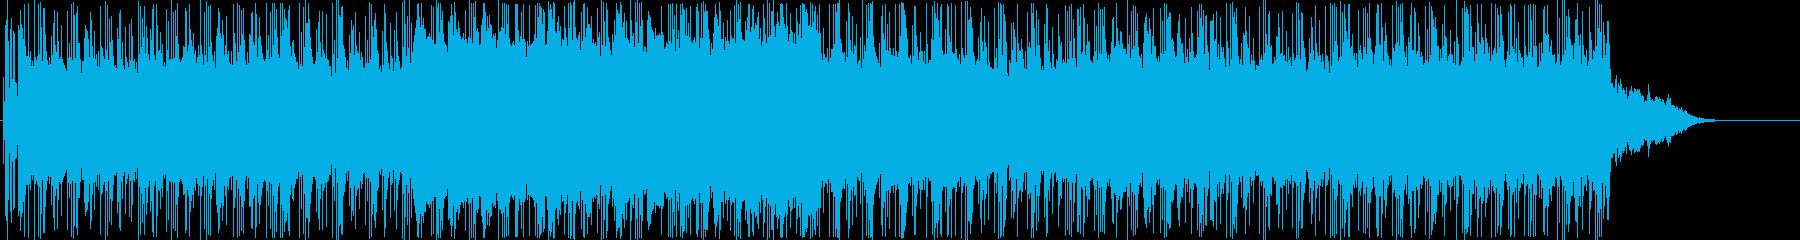 追跡 挑戦 闘志 スリル スピードの再生済みの波形